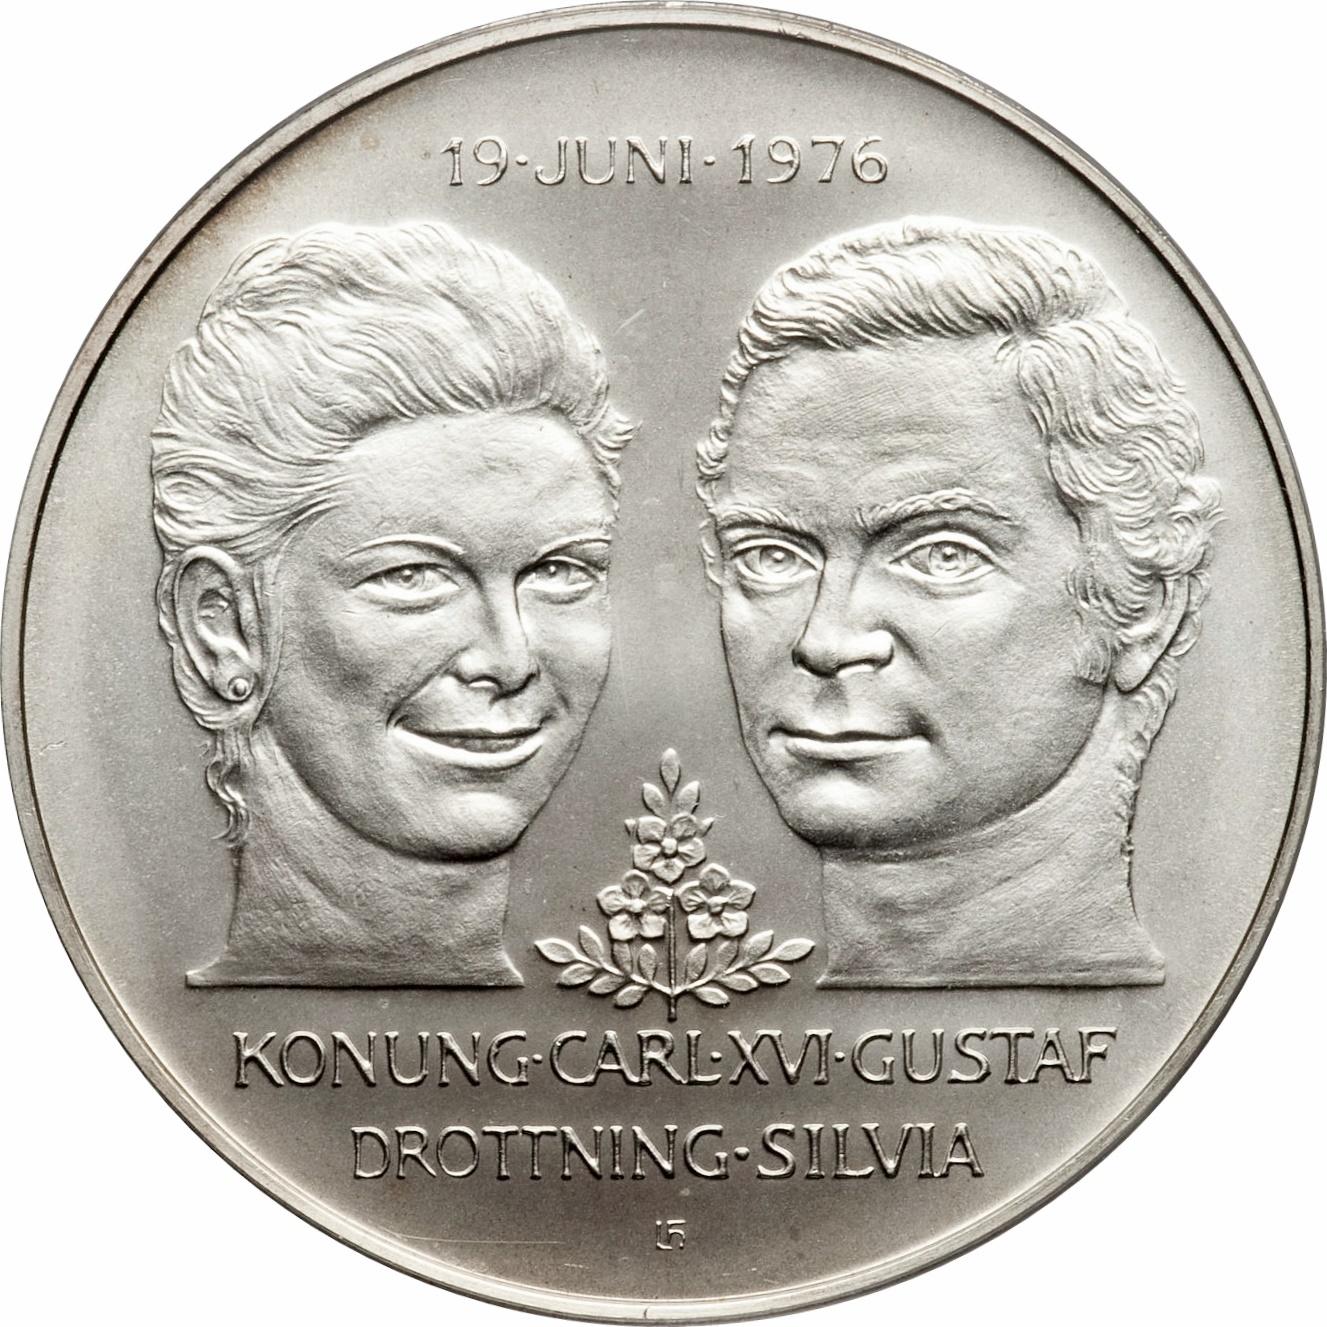 50 Kronor Carl Xvi Gustaf Royal Wedding Sweden Numista